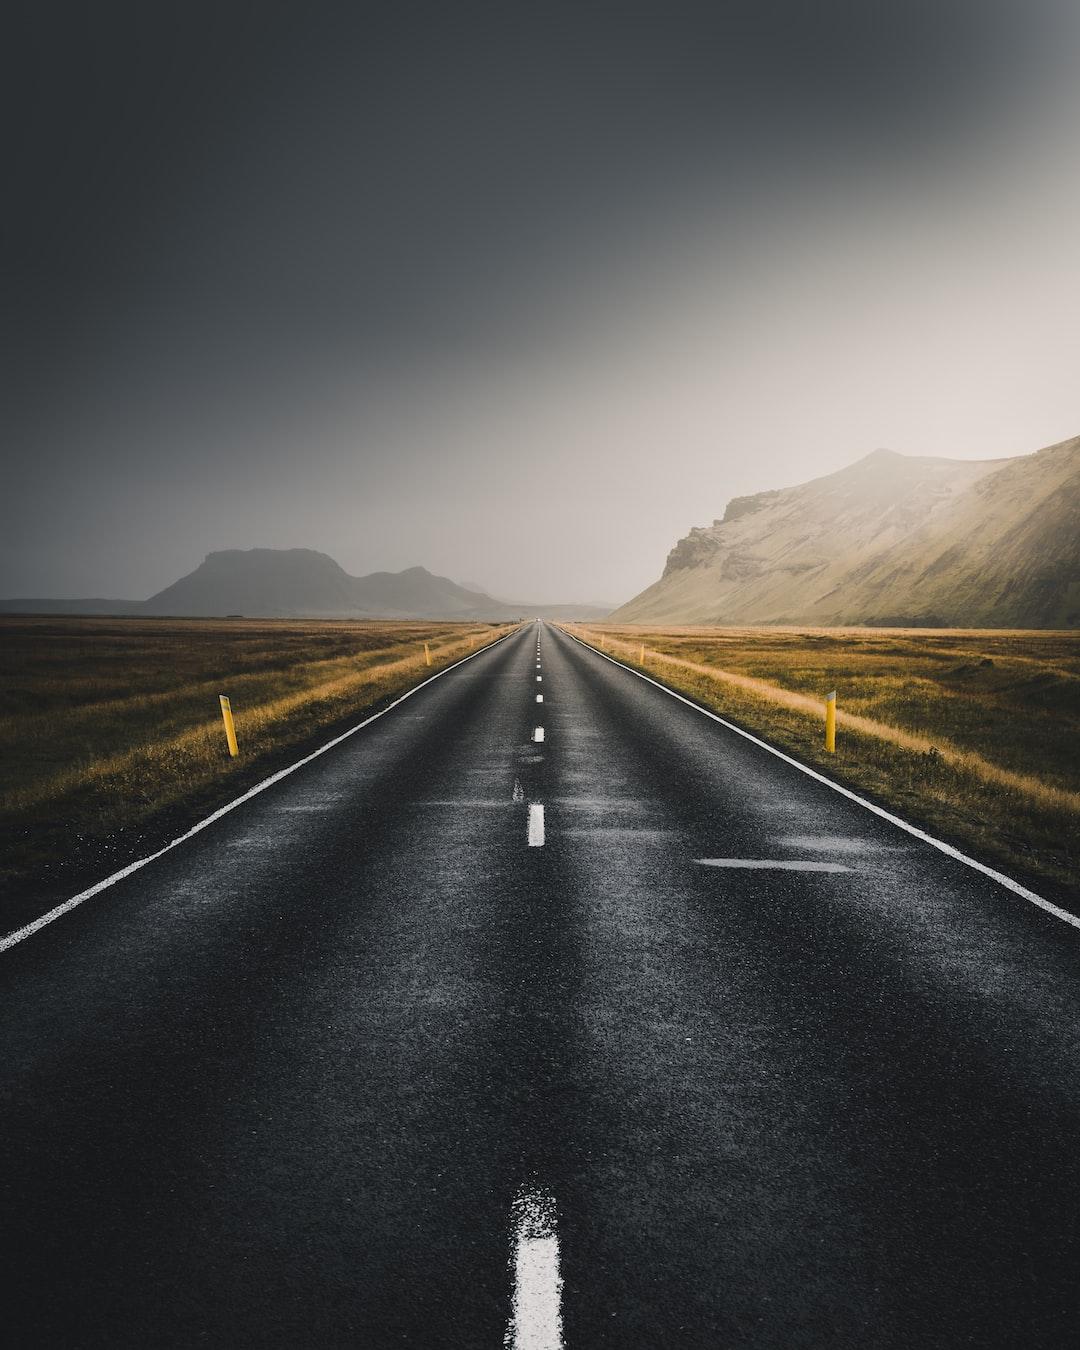 Free Road Image On Unsplash